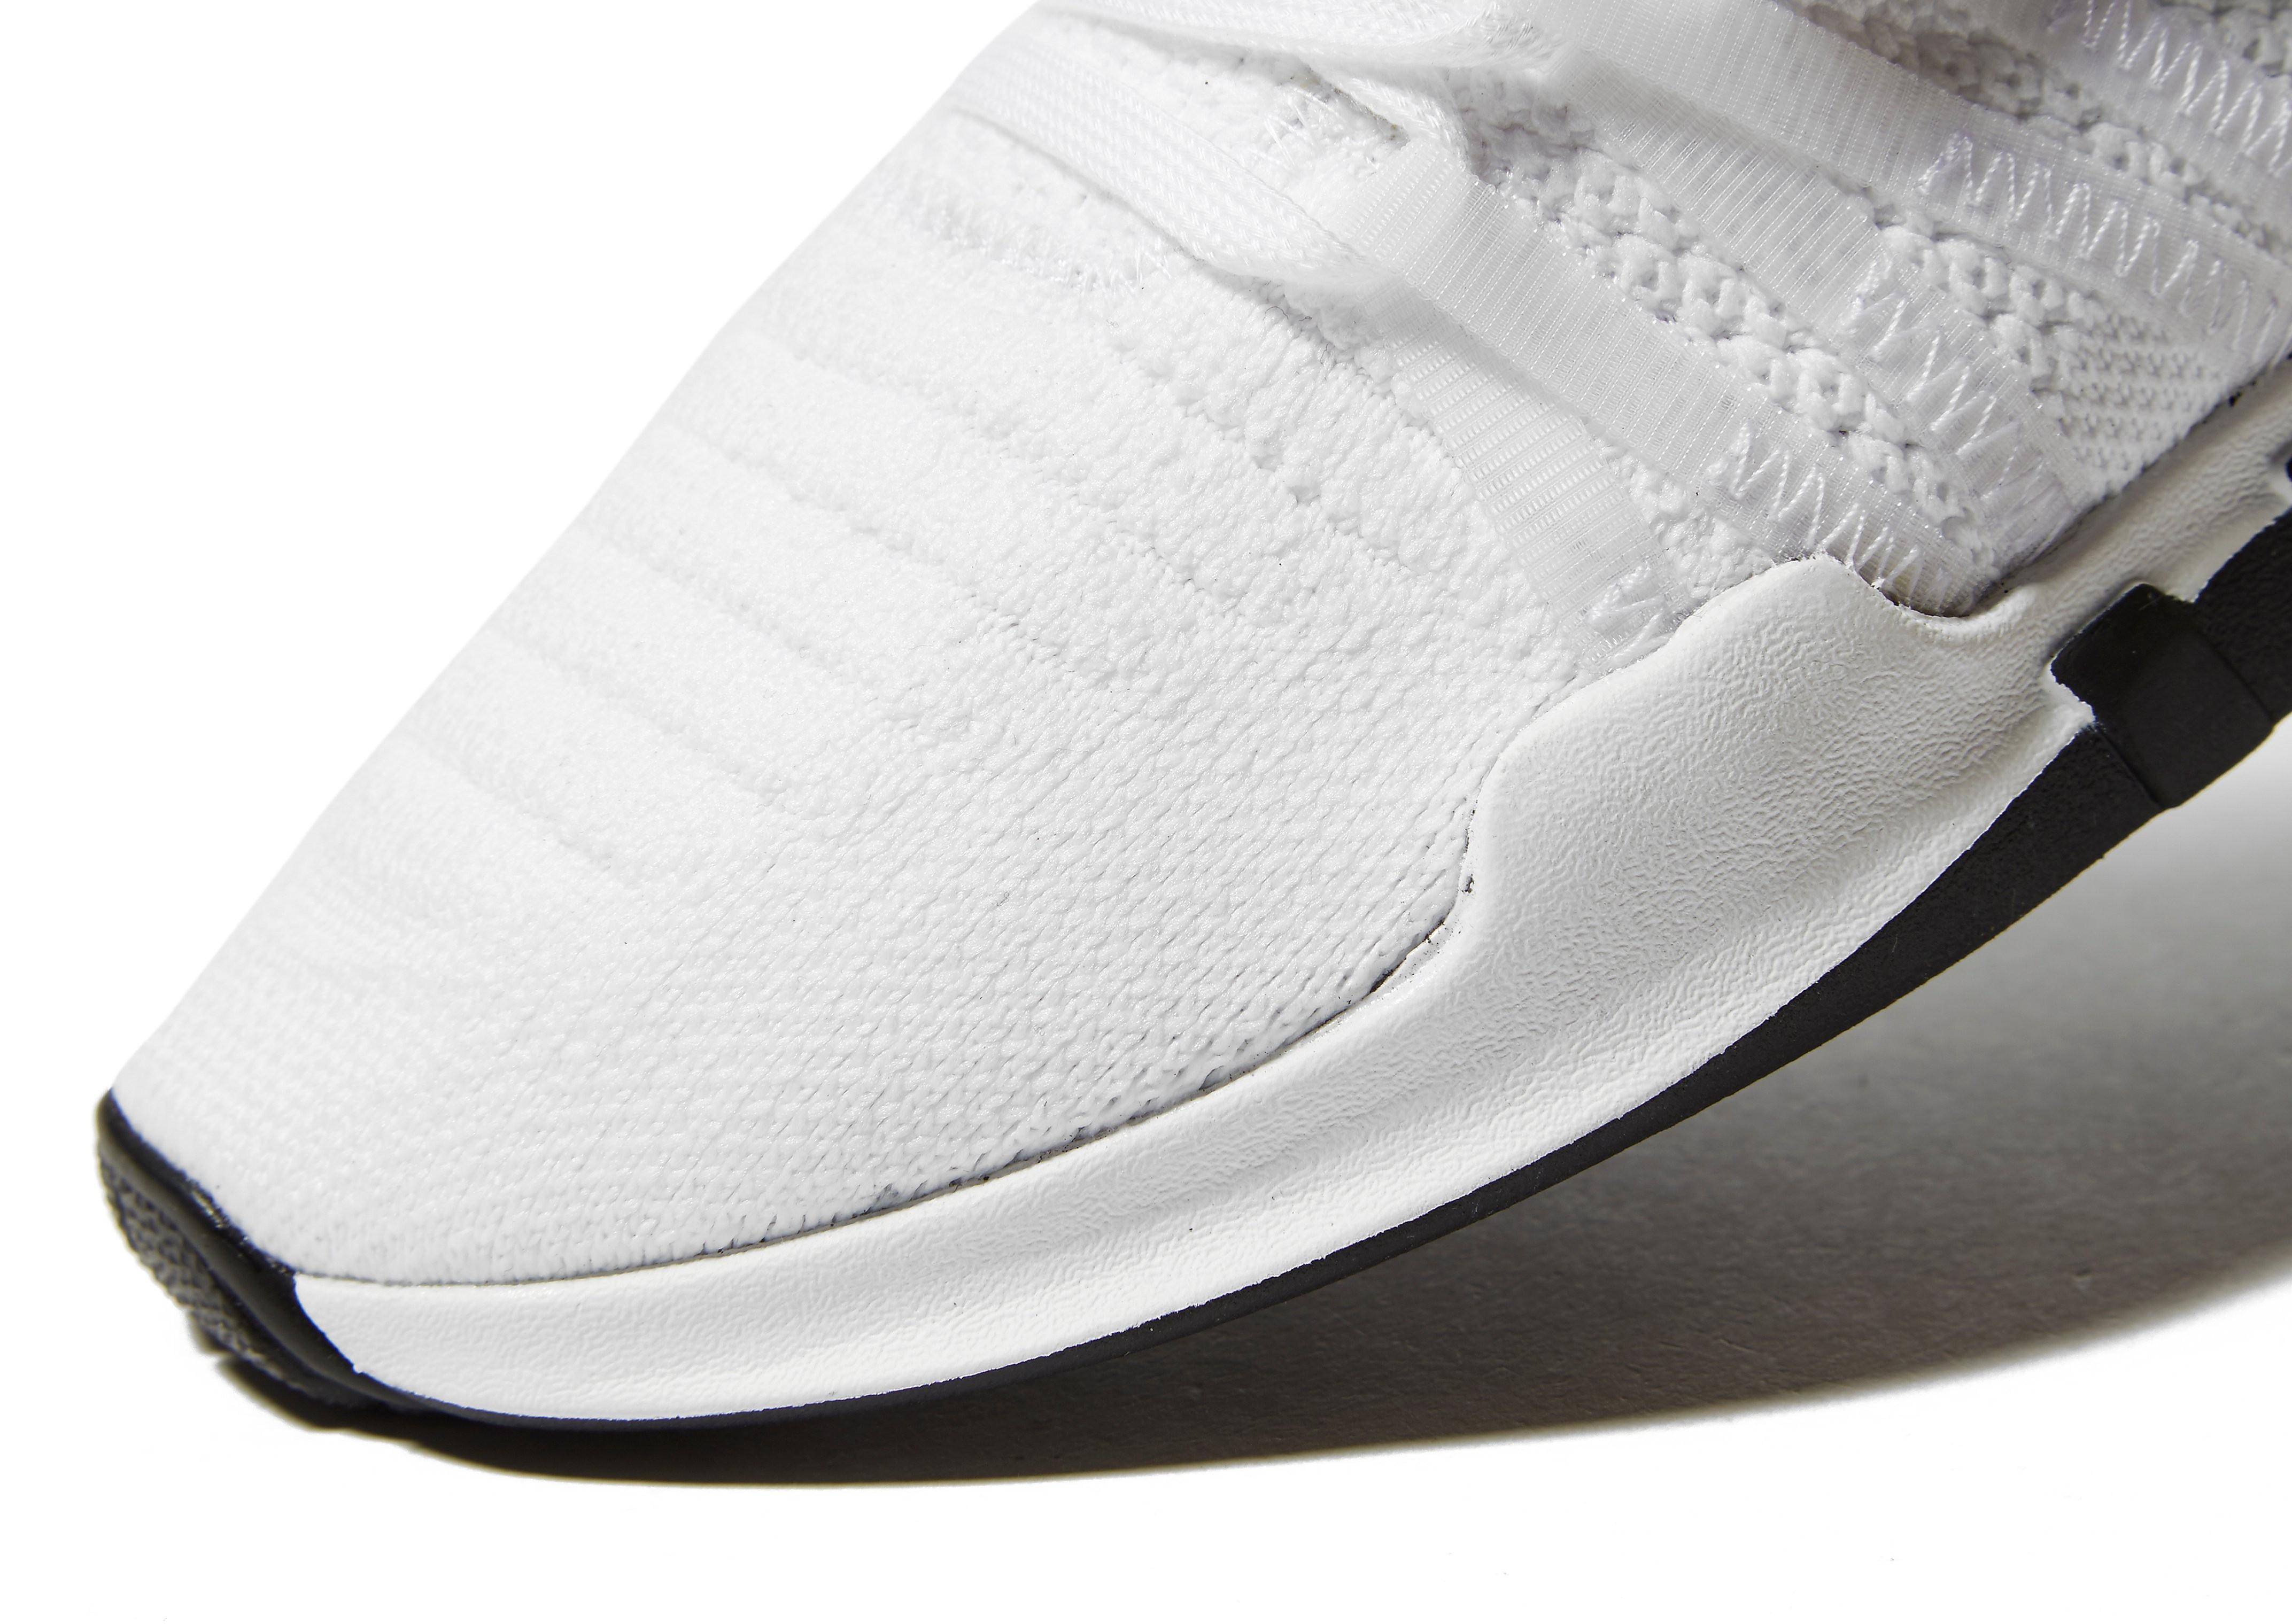 adidas Originals EQT Racing Primeknit Women's